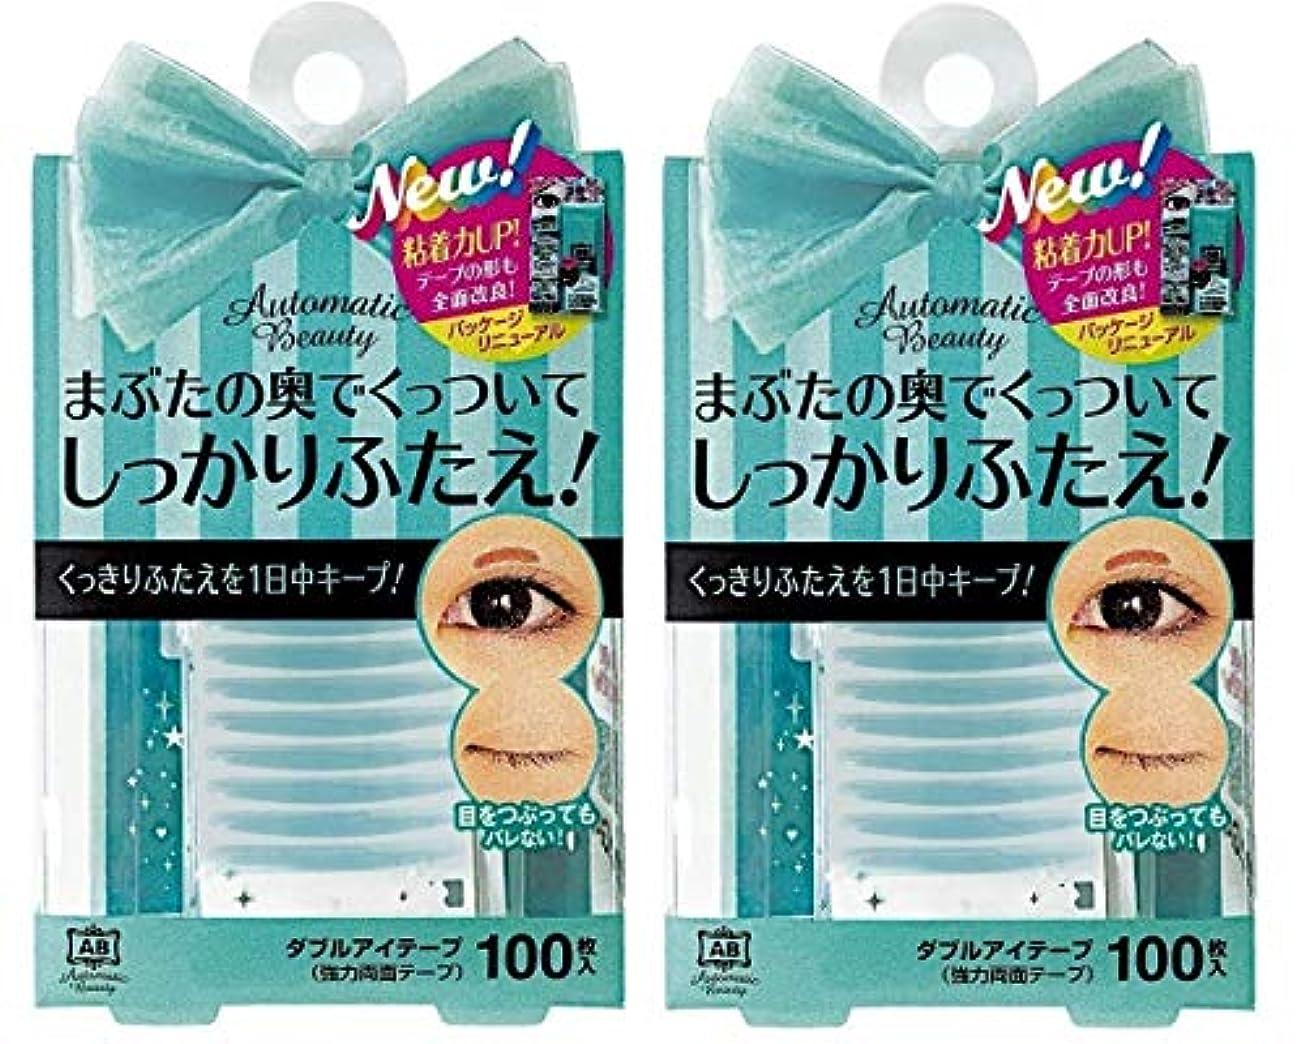 橋脚後者医薬Automatic Beauty(オートマティックビューティ) ダブルアイテープ 100枚 ×2個